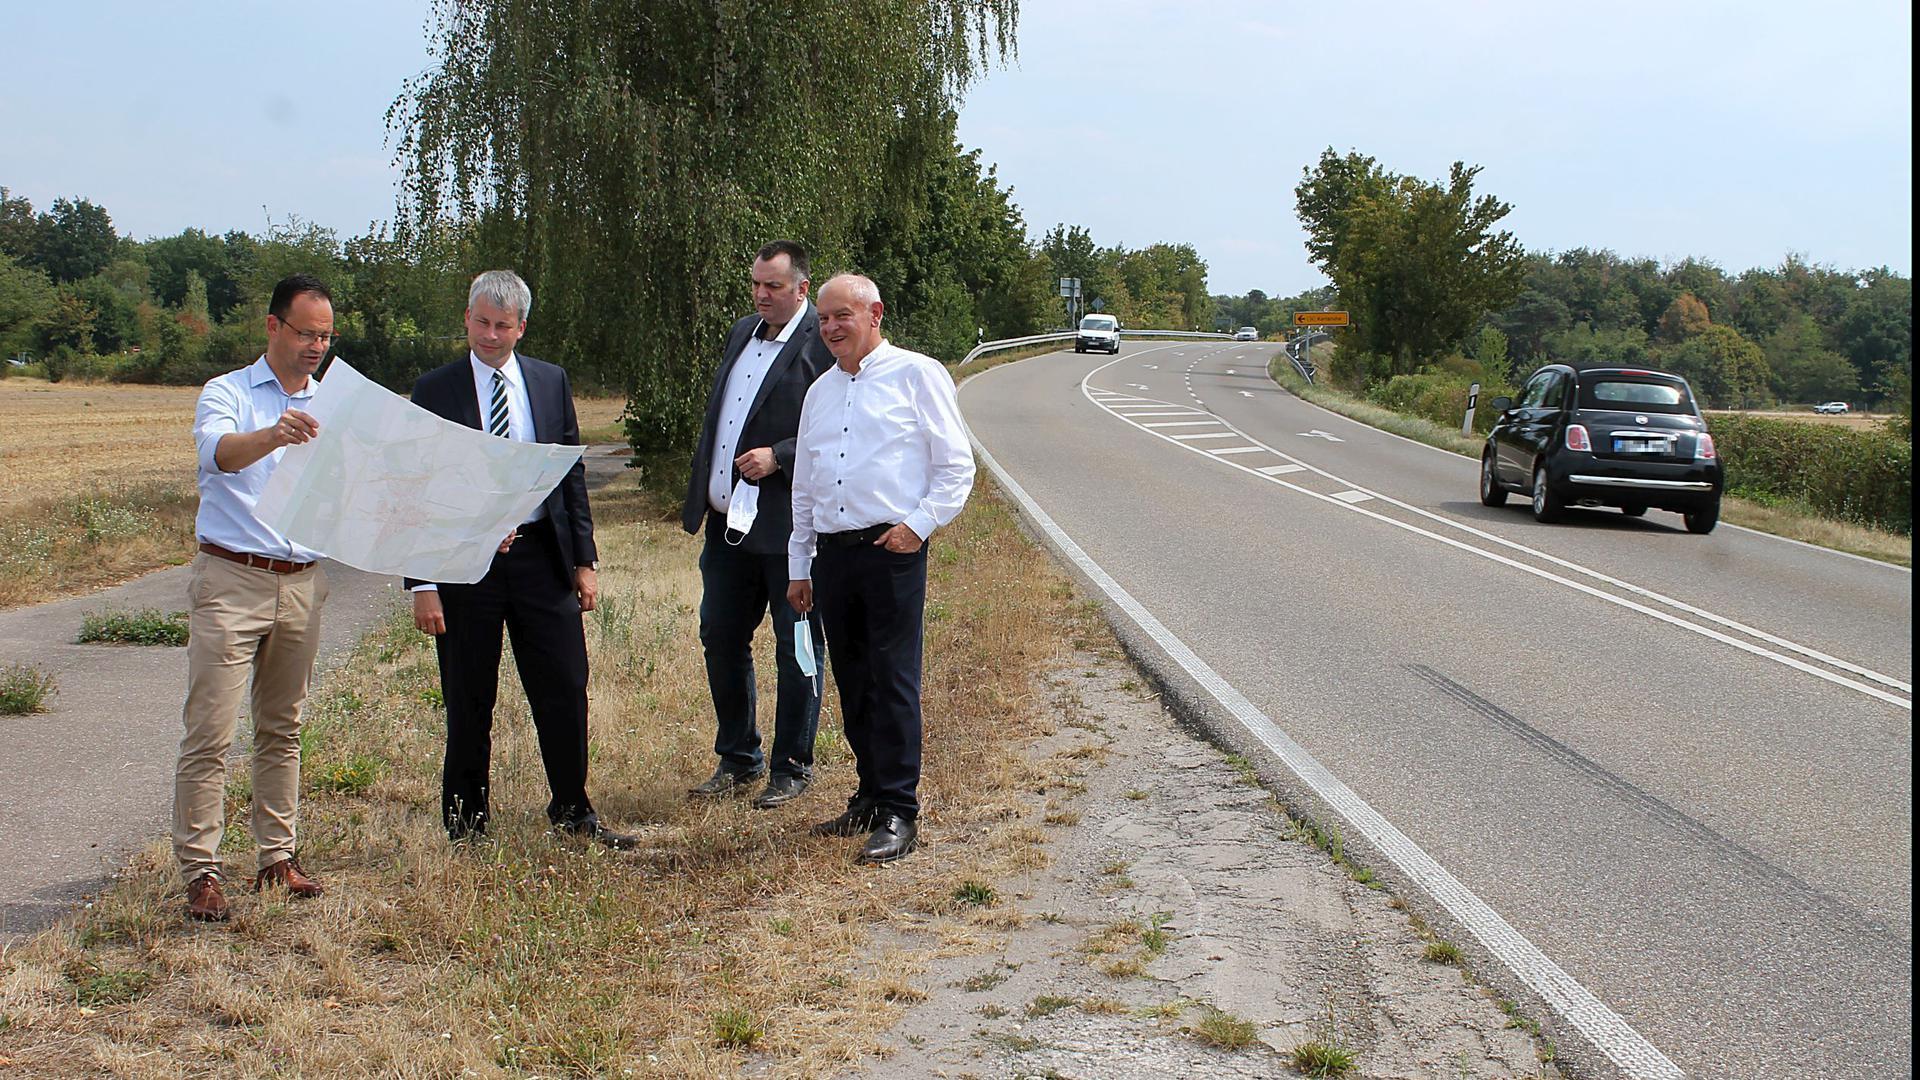 Vier Männer stehen an einer Straße in der Natur, zwei davon haben einen großen Faltplan ausgepackt und schauen darauf.